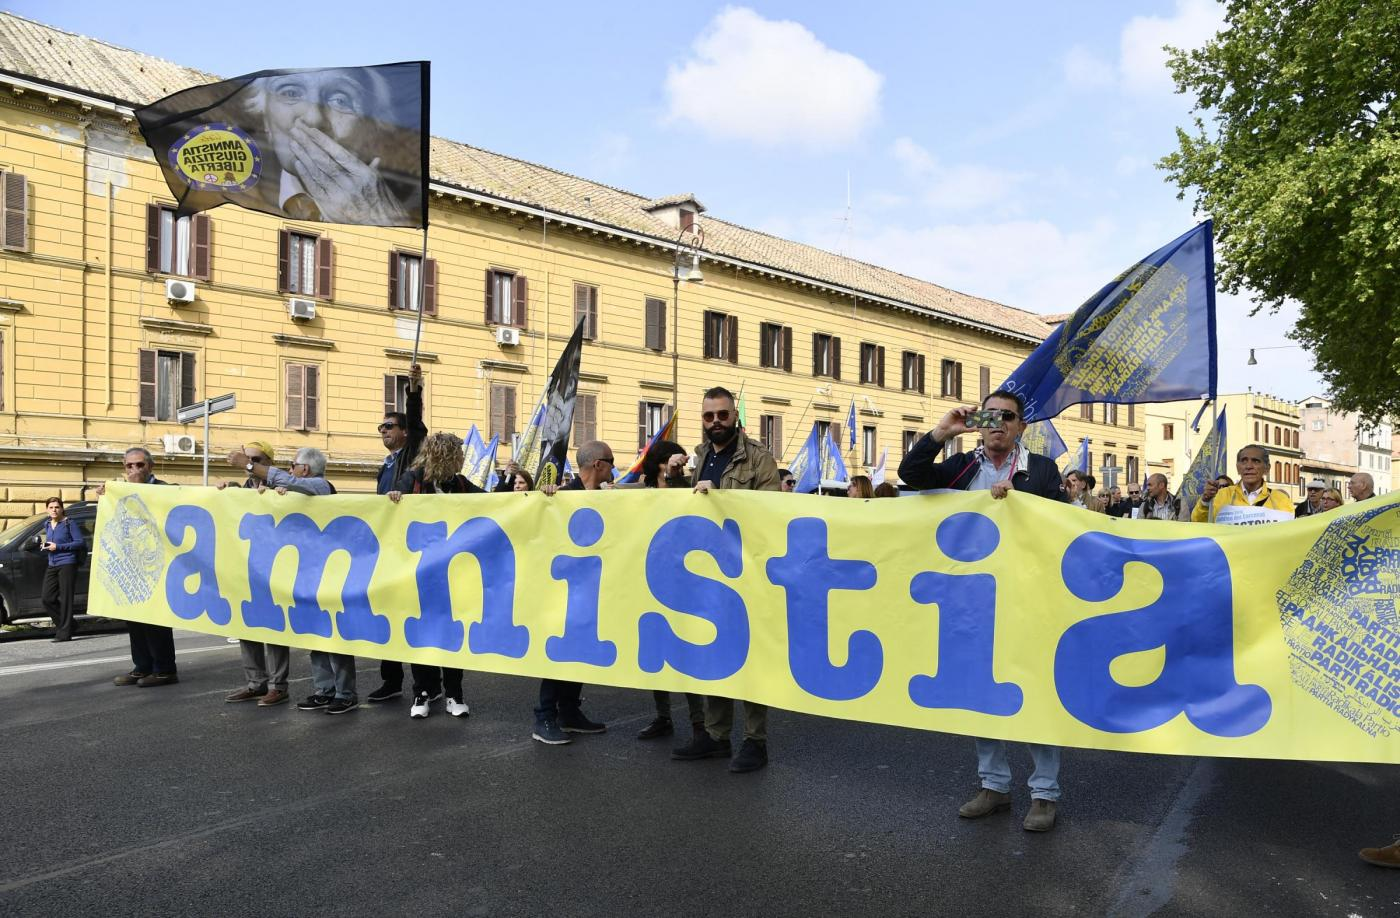 V Marcia per Amnistia, Giustizia e Liberta organizzata dal Partito Radicale